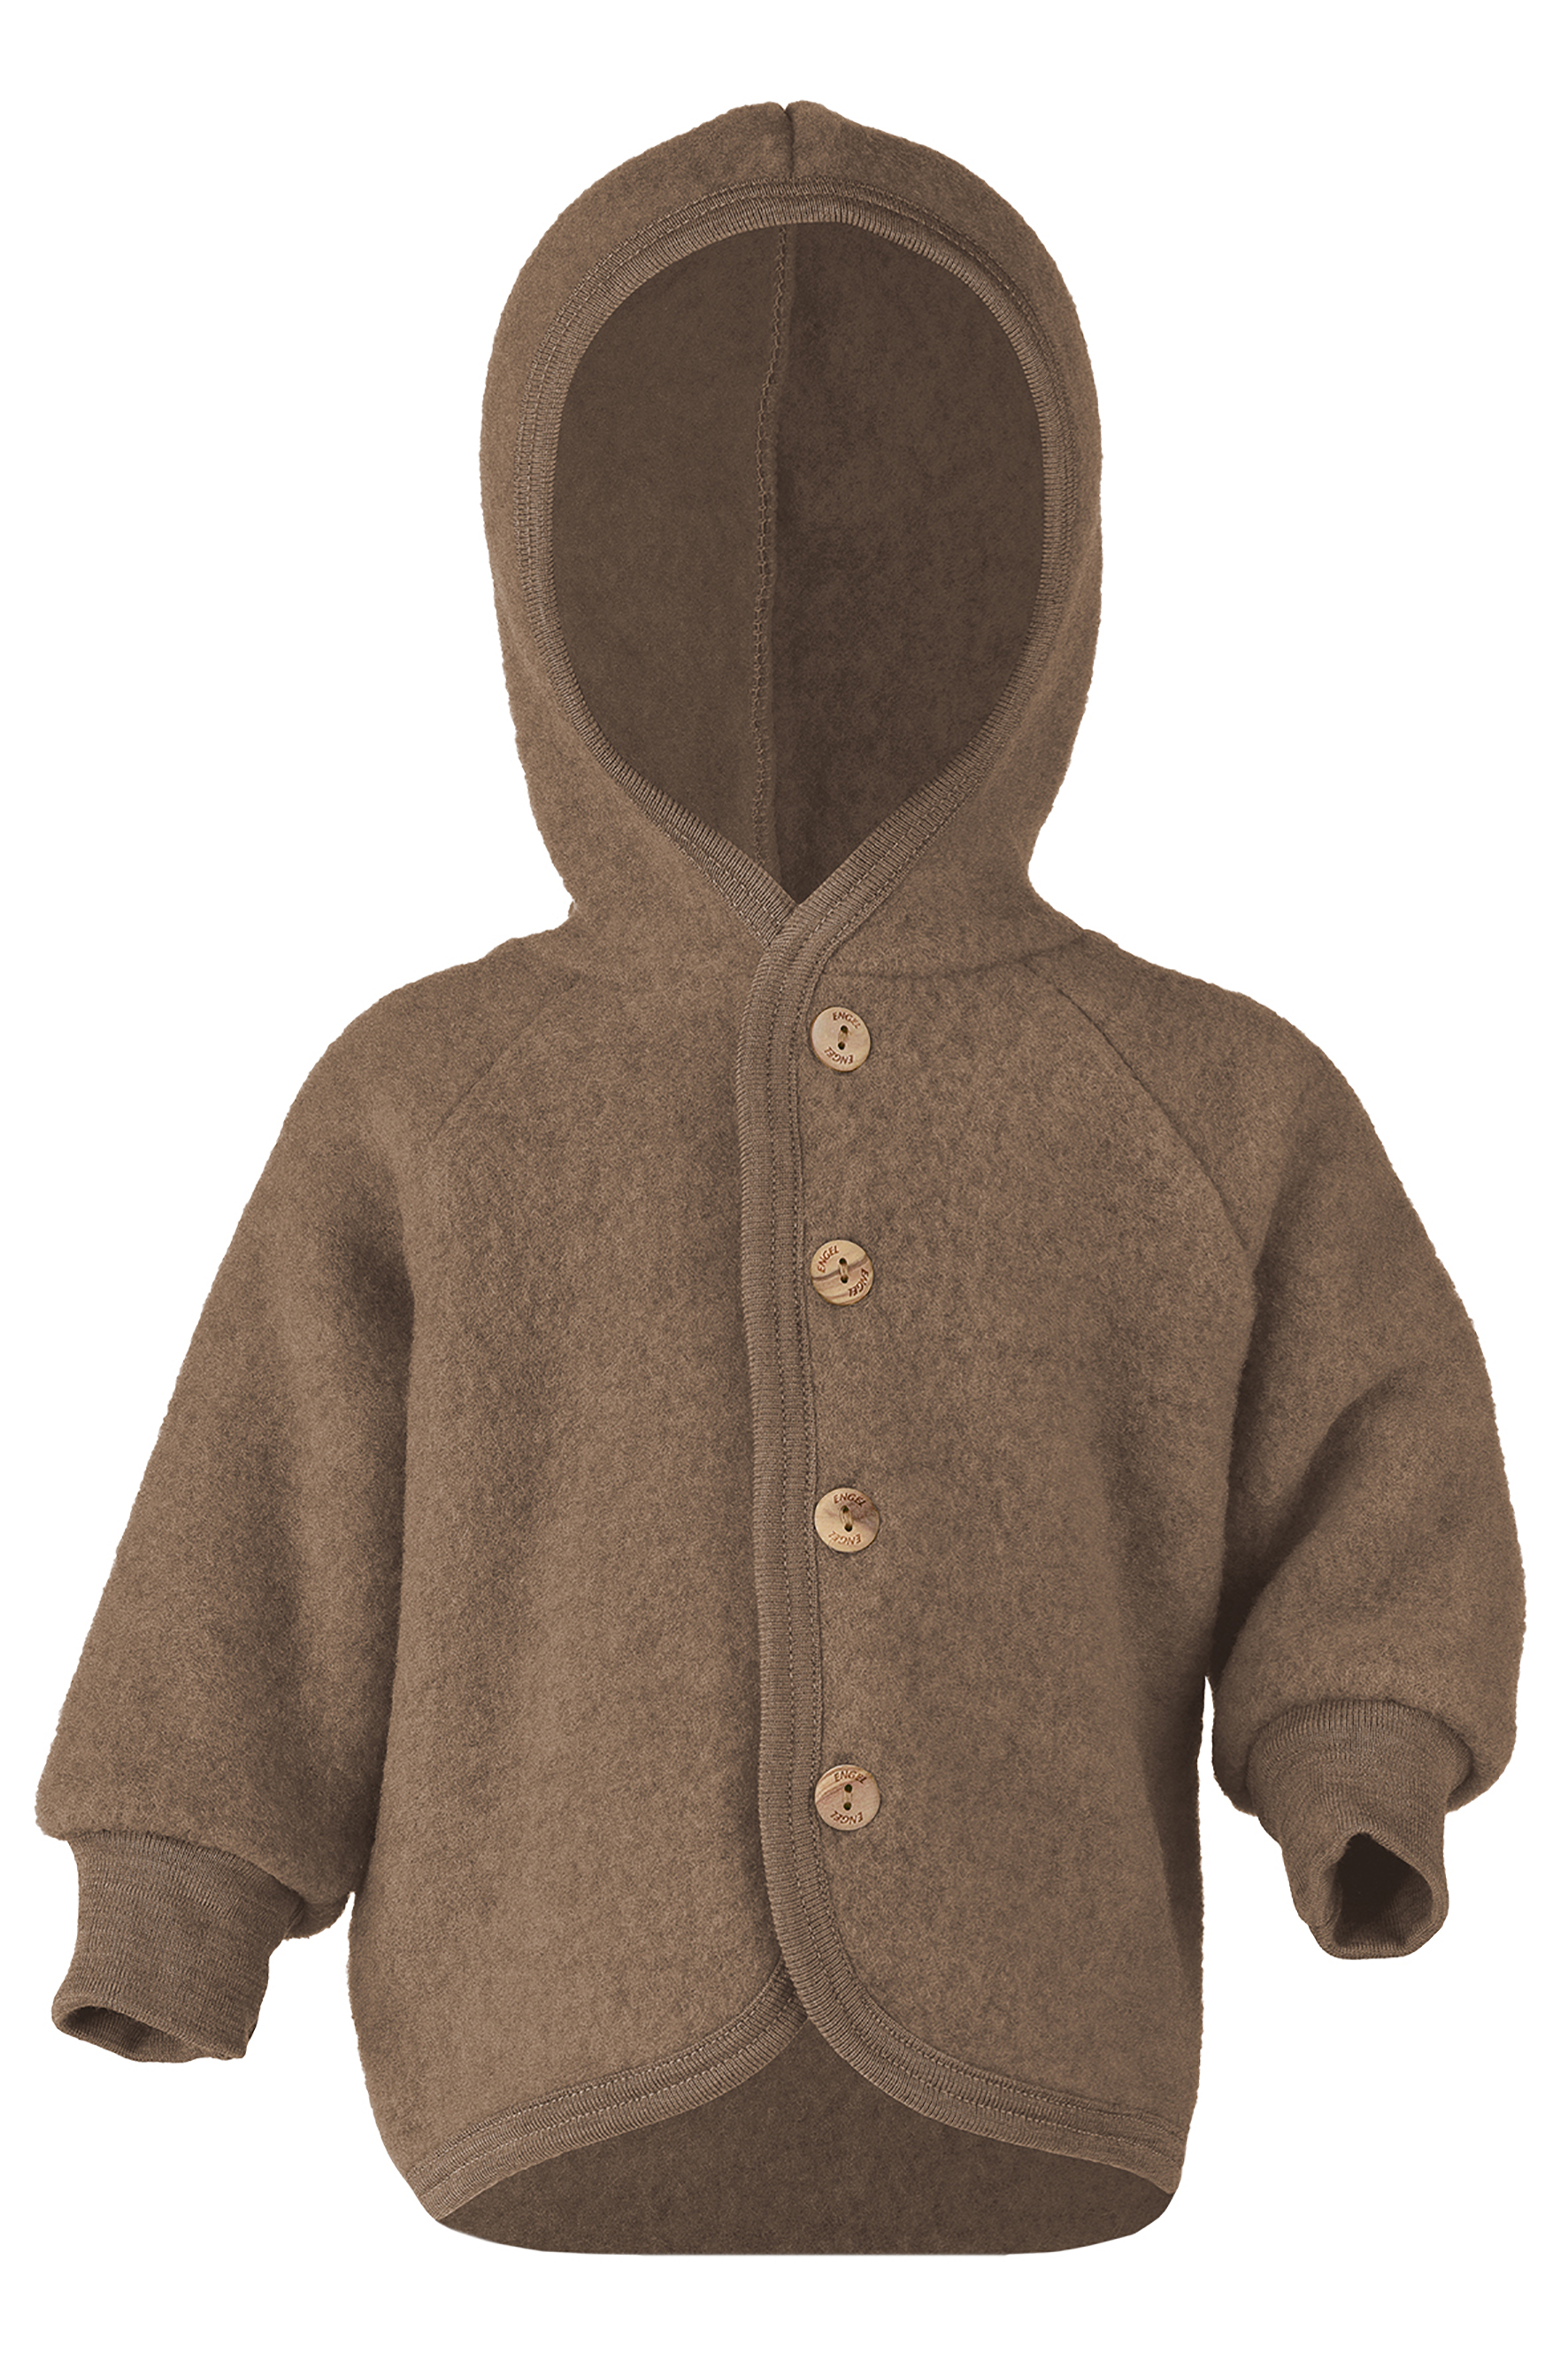 ENGEL Natur (sous-vetements en laine et soie ou 100% laine mérinos) ENGEL Nouveauté - Manteaux bébés avec capuche en 100% laine mérinos, polaire (50 au 92)